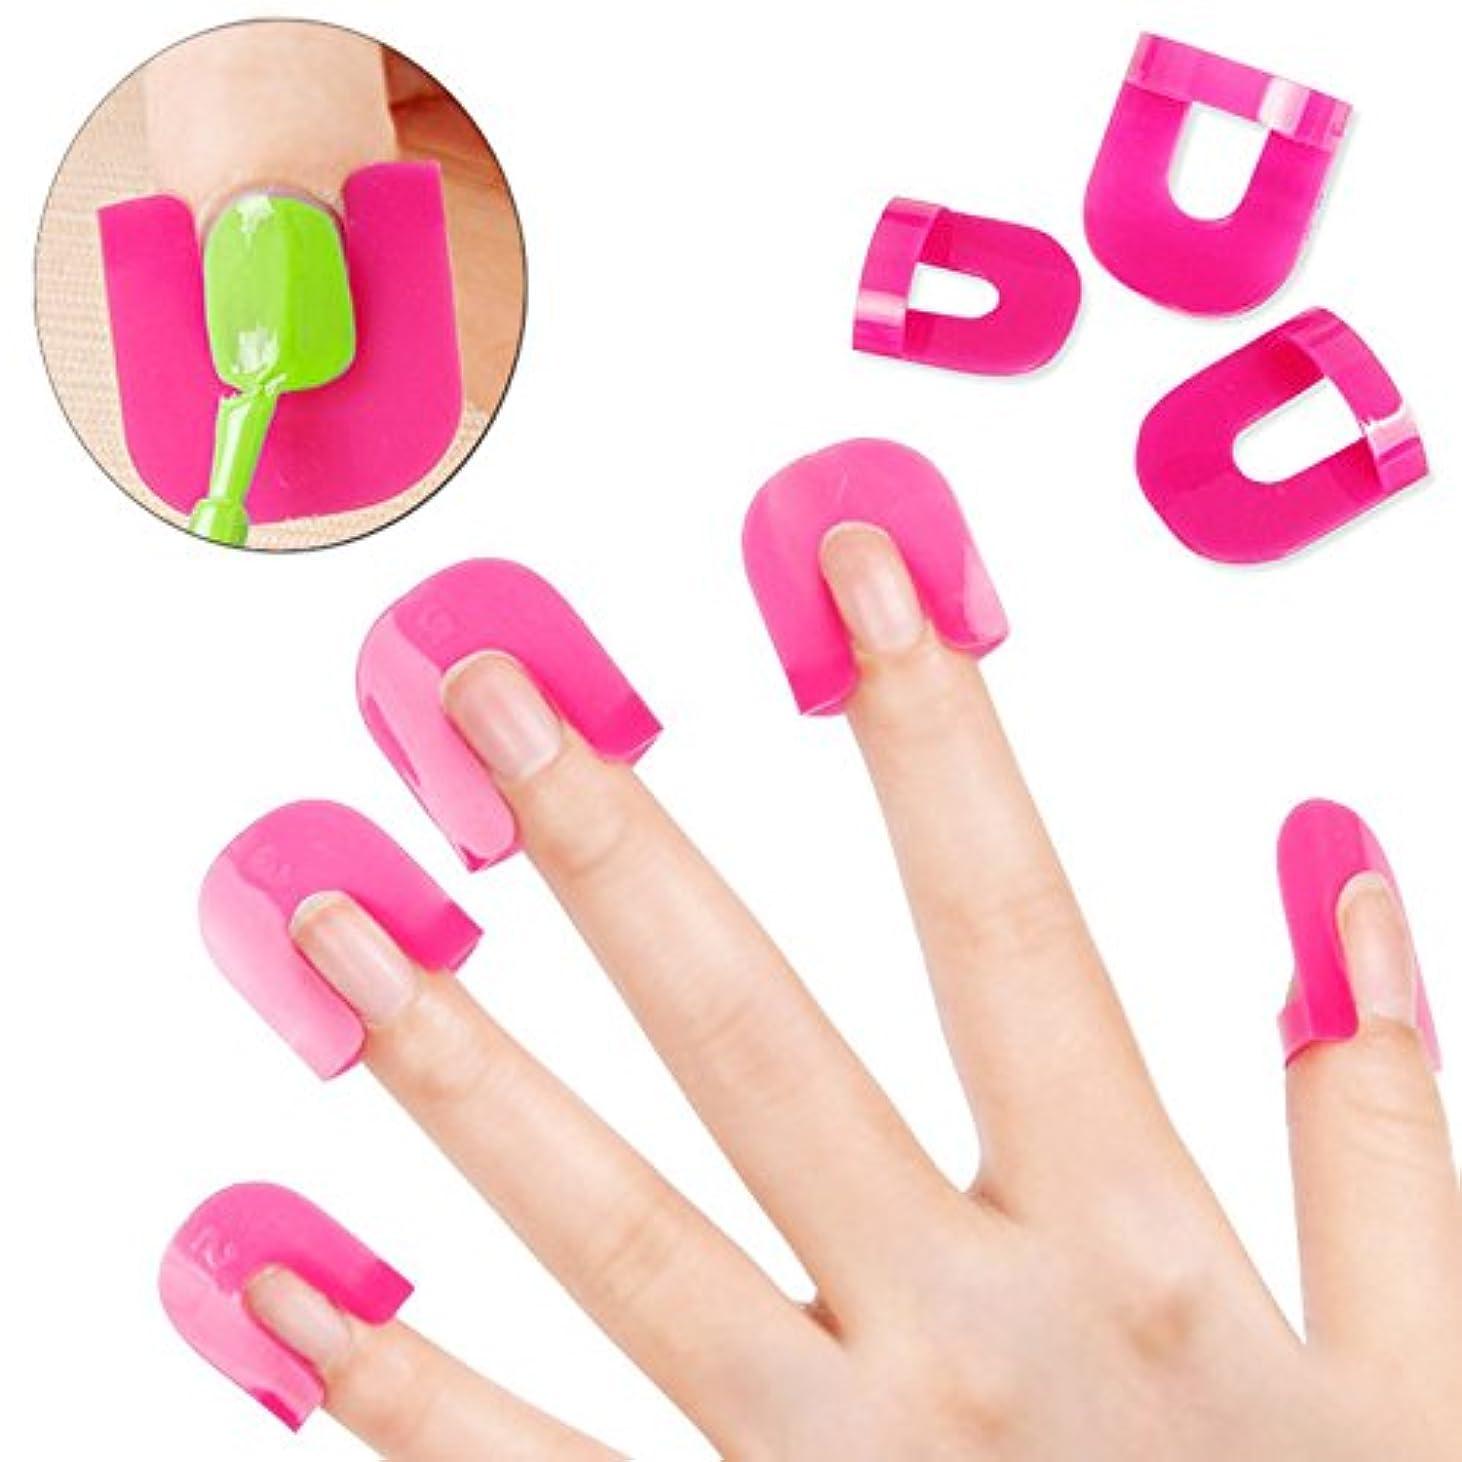 航空機三角系譜New 26PCS Professional French Nail Art Manicure Stickers Tips Finger Cover Polish Shield Protector Plastic Case Salon Tools Set